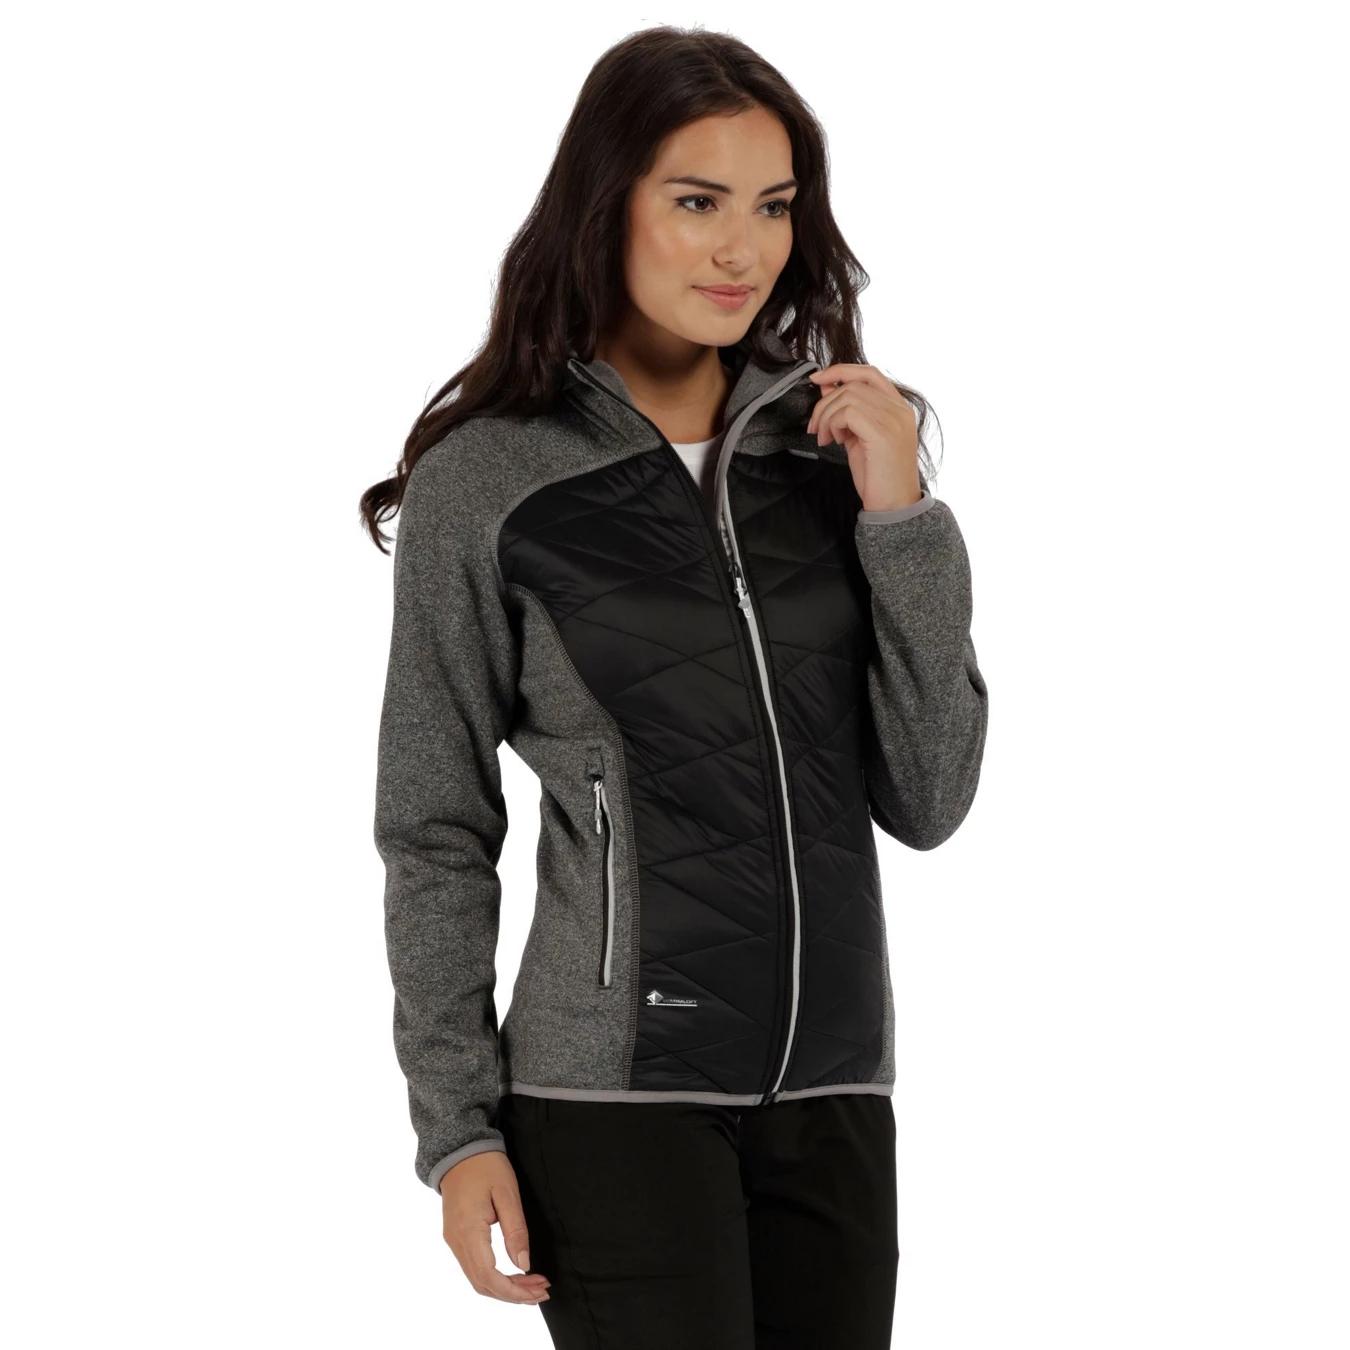 Ladies RegattaBlack 'Anderson' hybrid jacket - £18 Free C&C & Free Del @ Debenhams